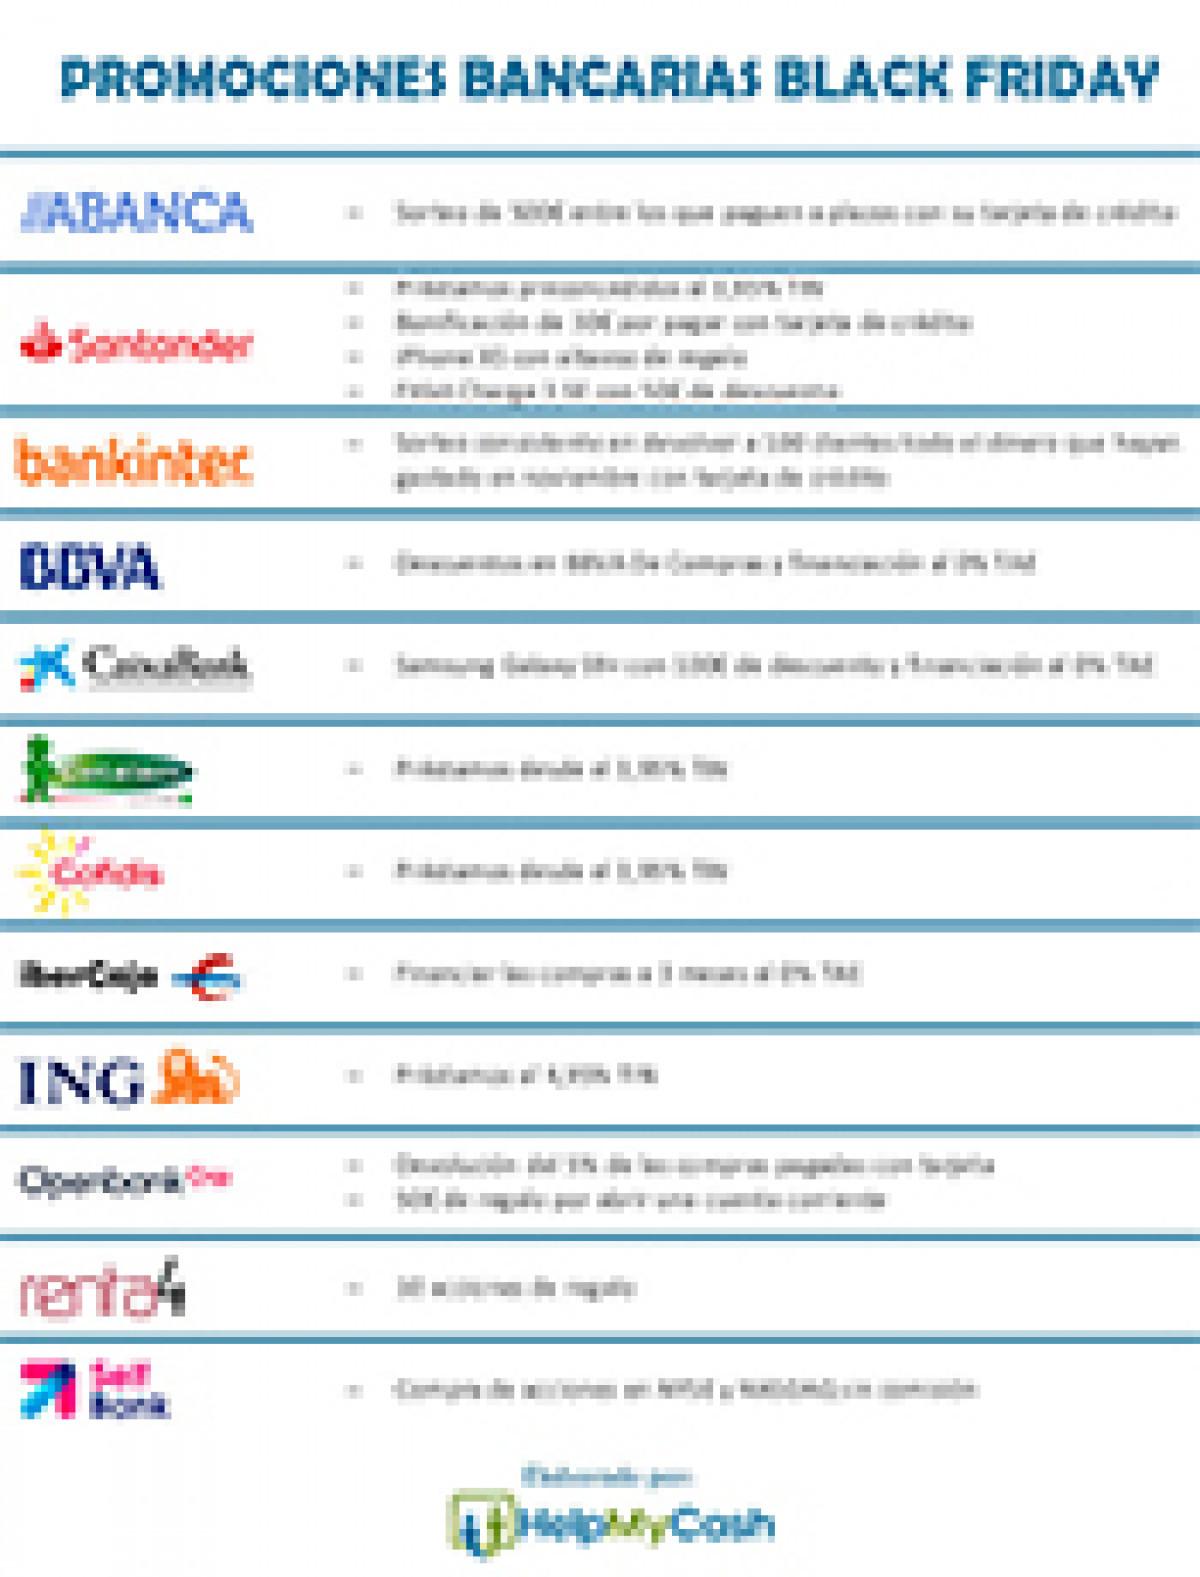 Bancos black friday